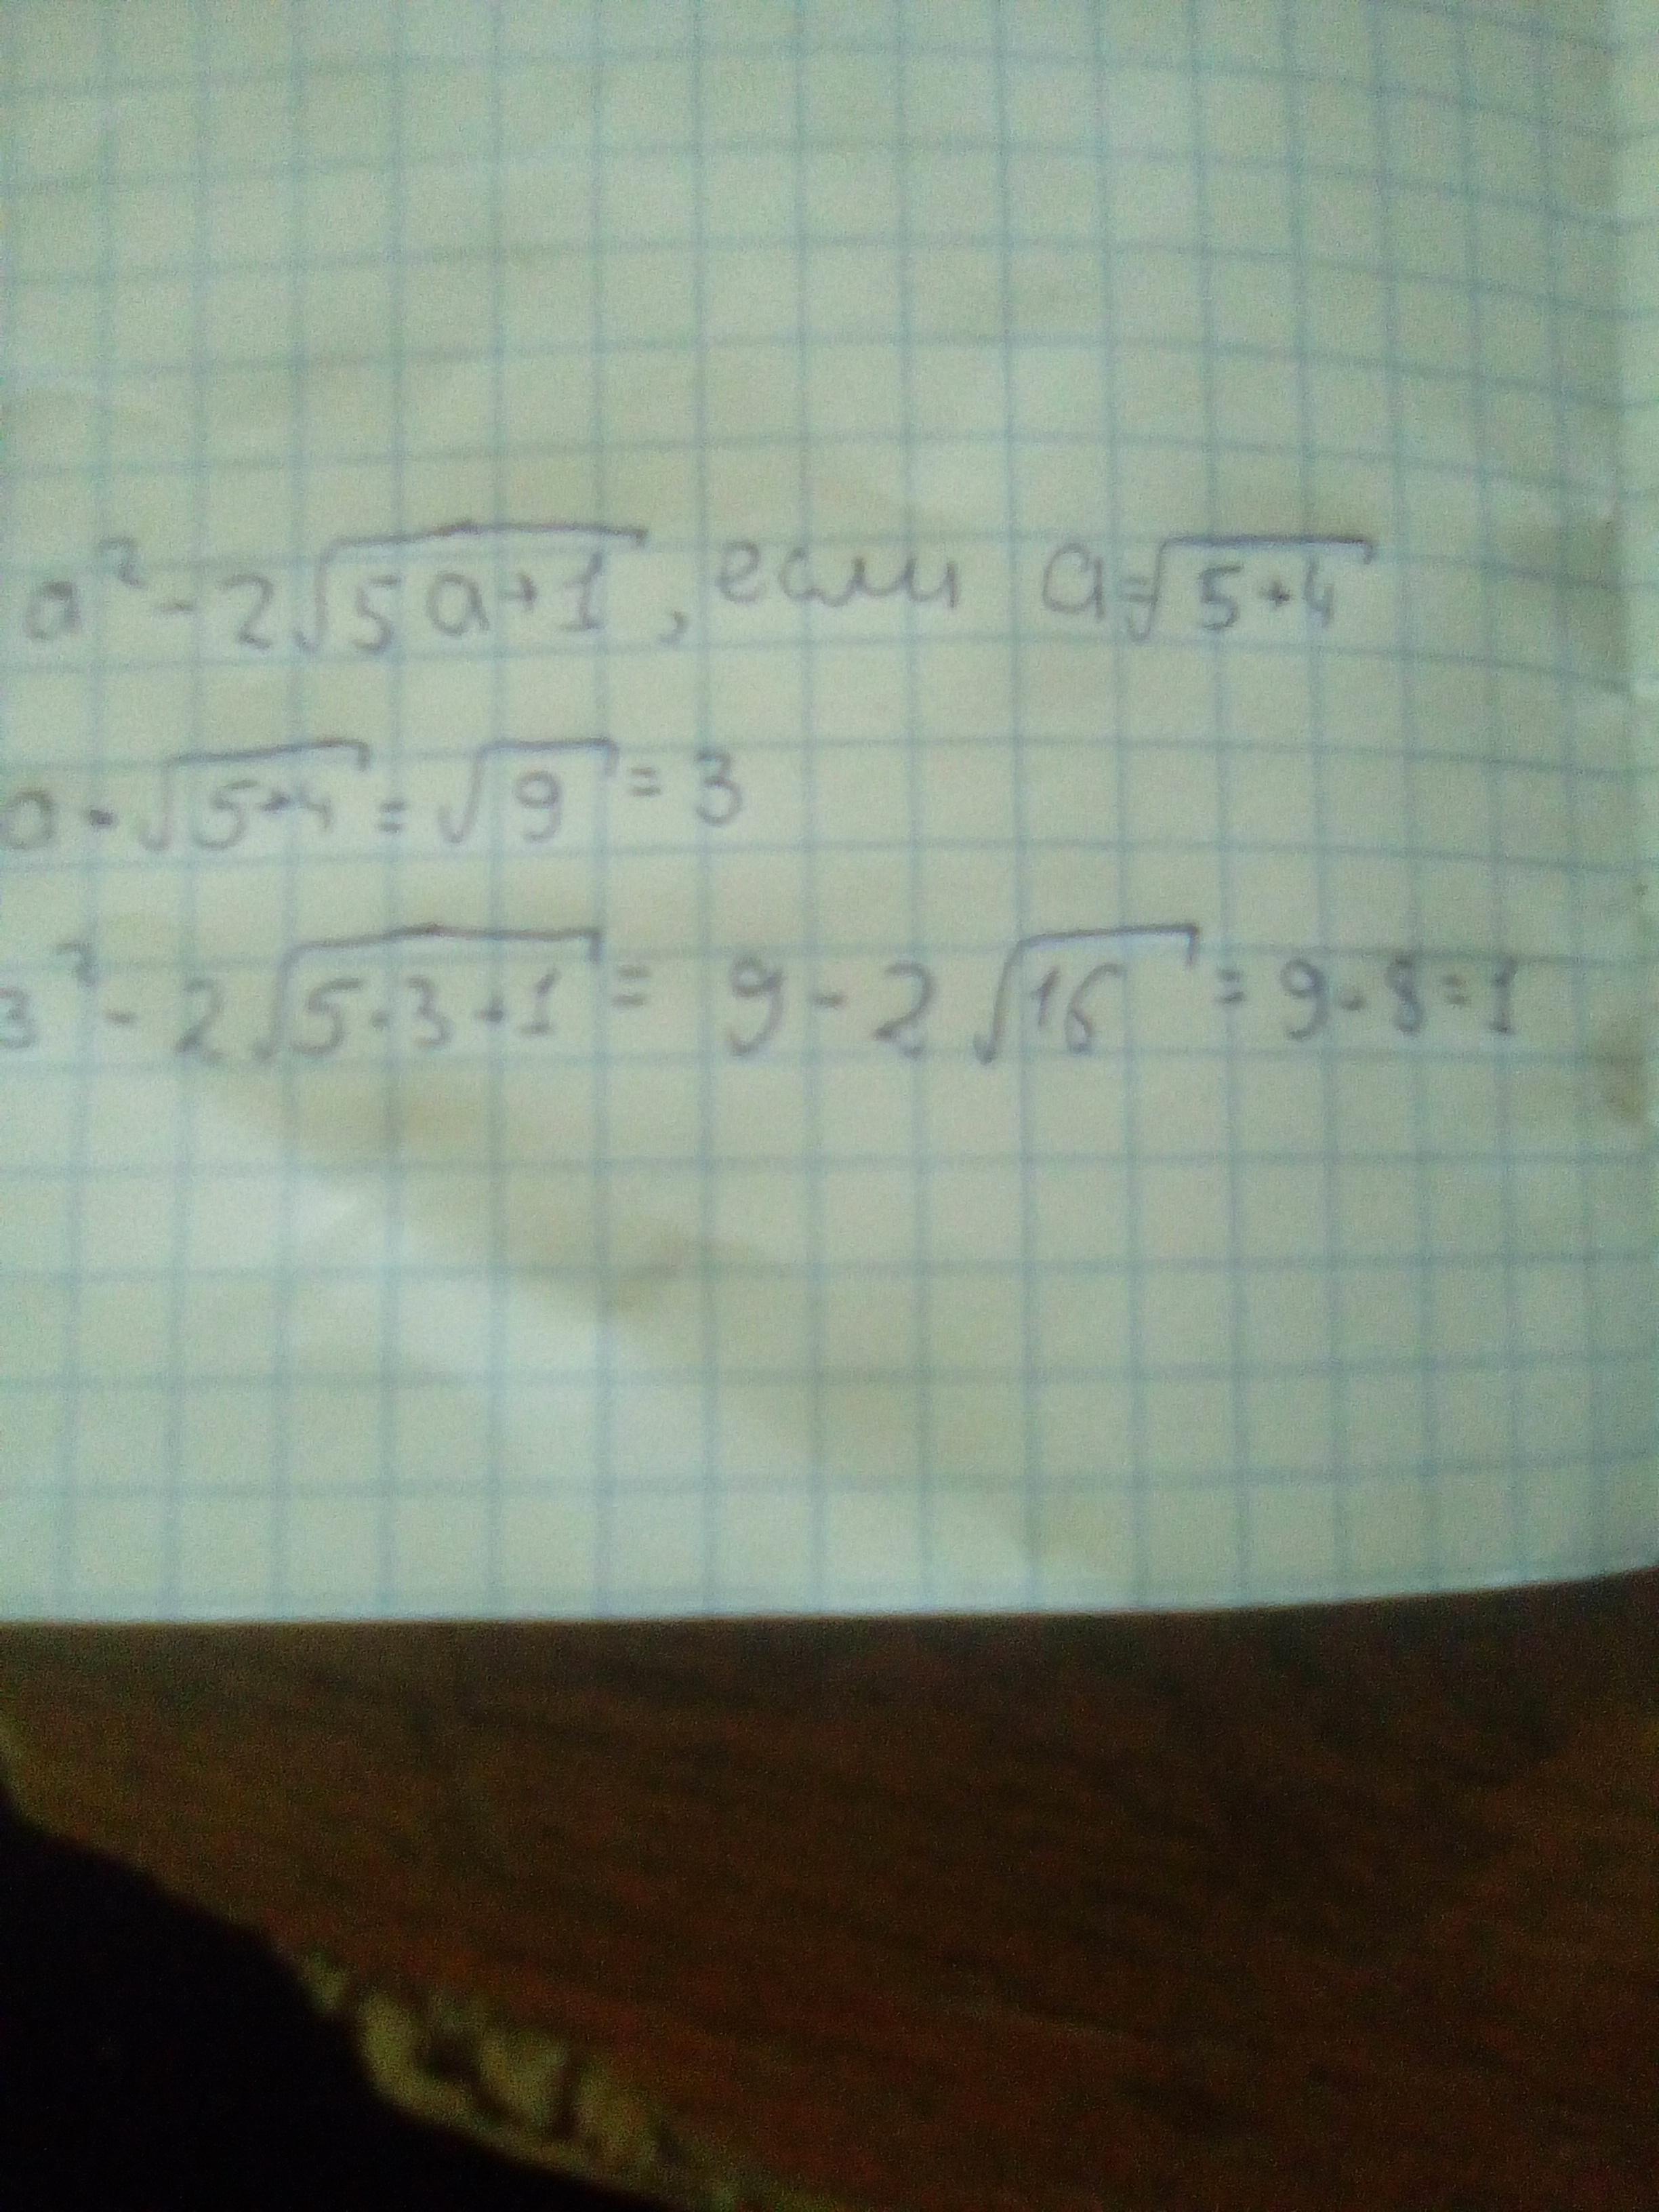 A(квадрат)-2корень из 5а+1 ,если а = корень из 5